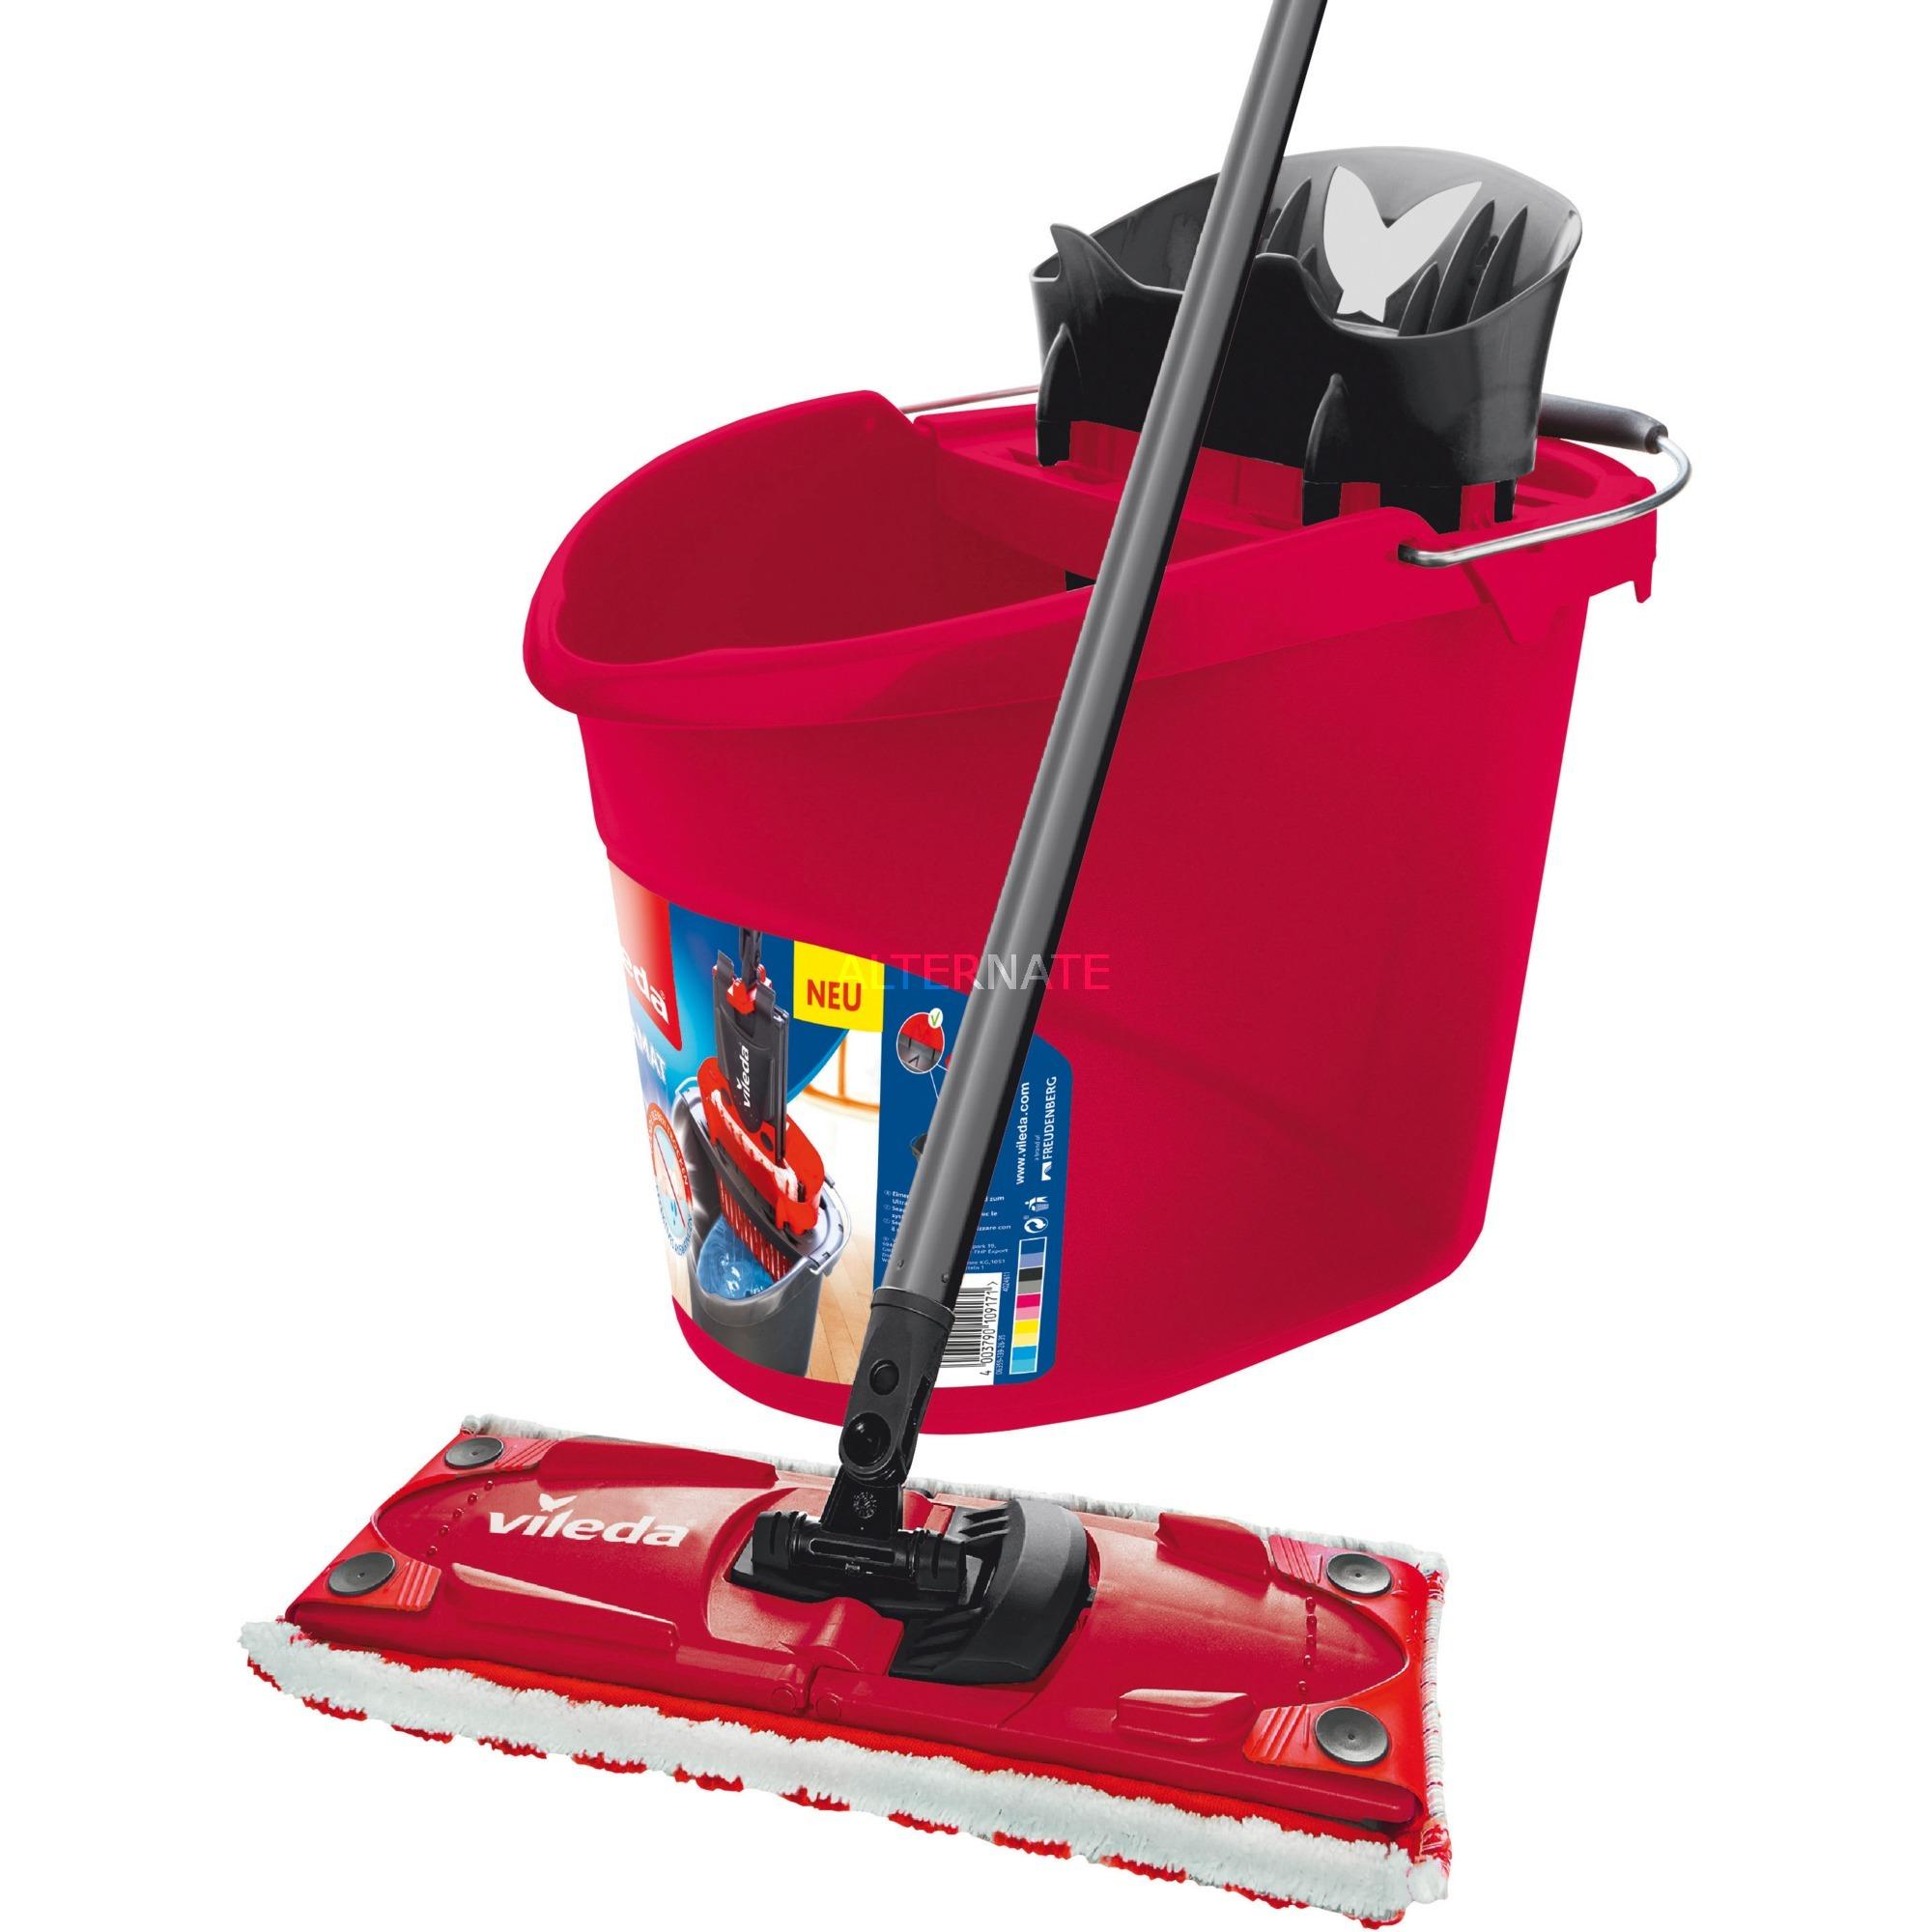 158725, Limpiador de suelo